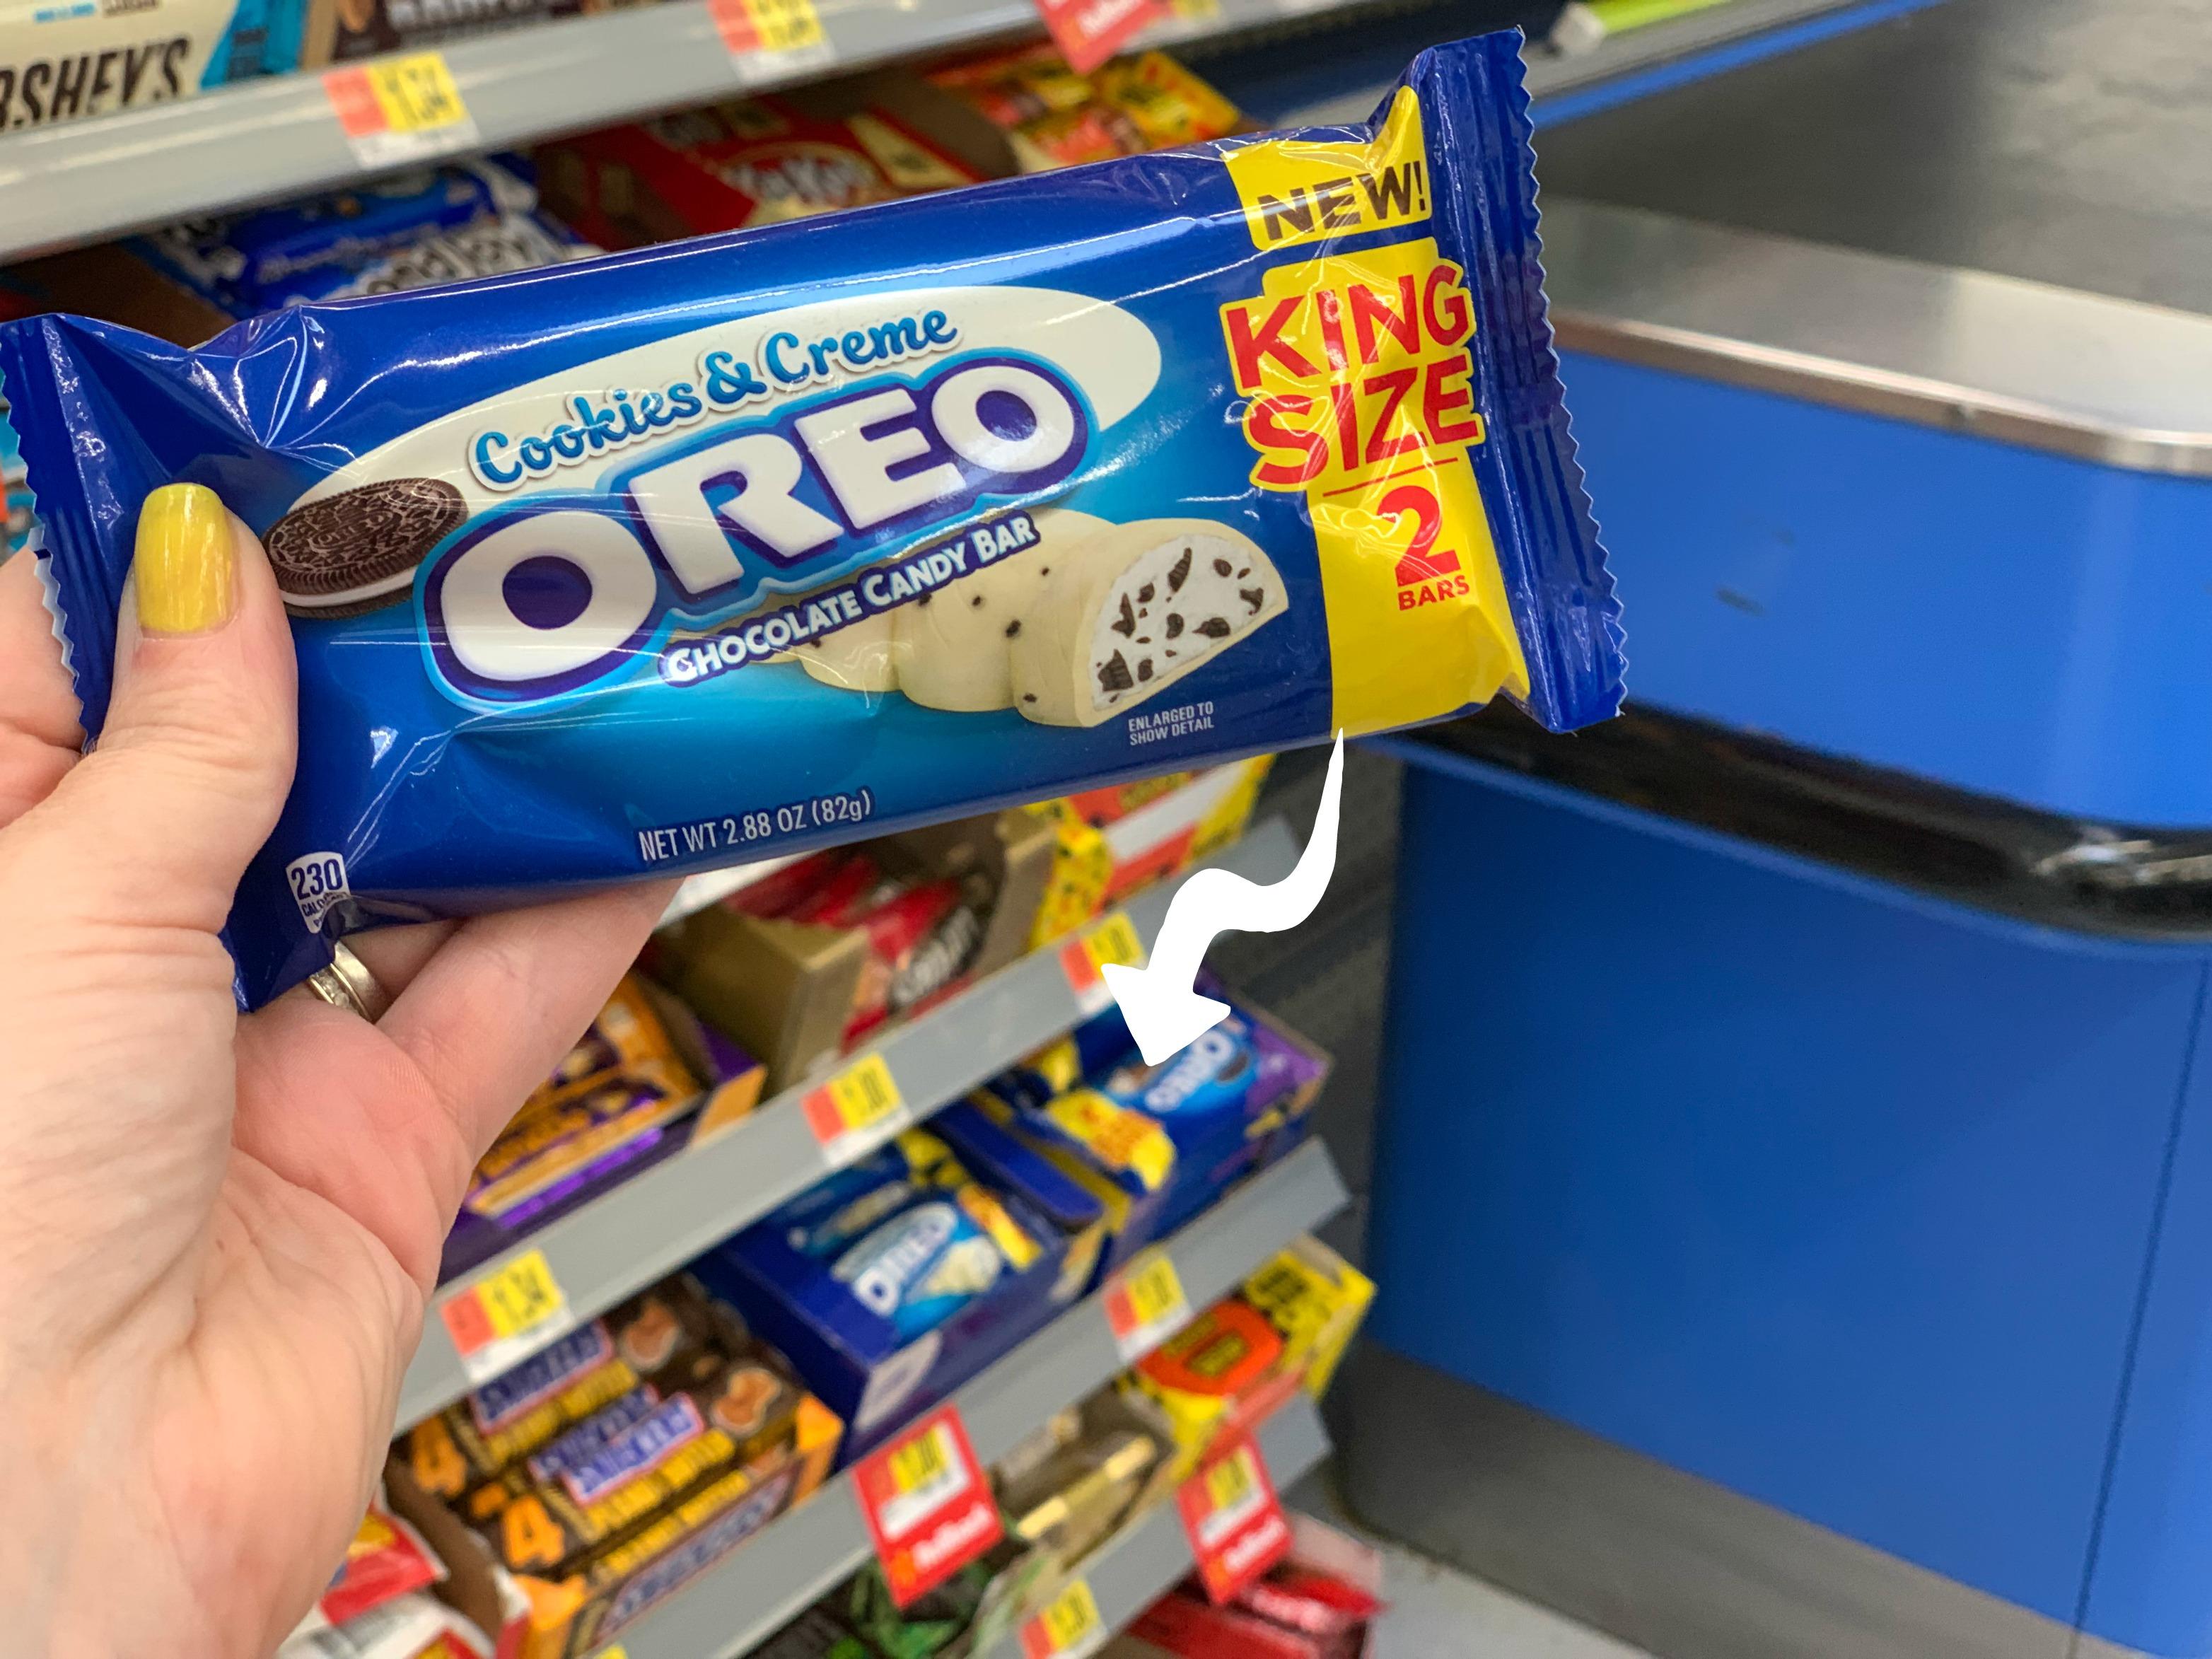 Oreo candy Bar at Walmart